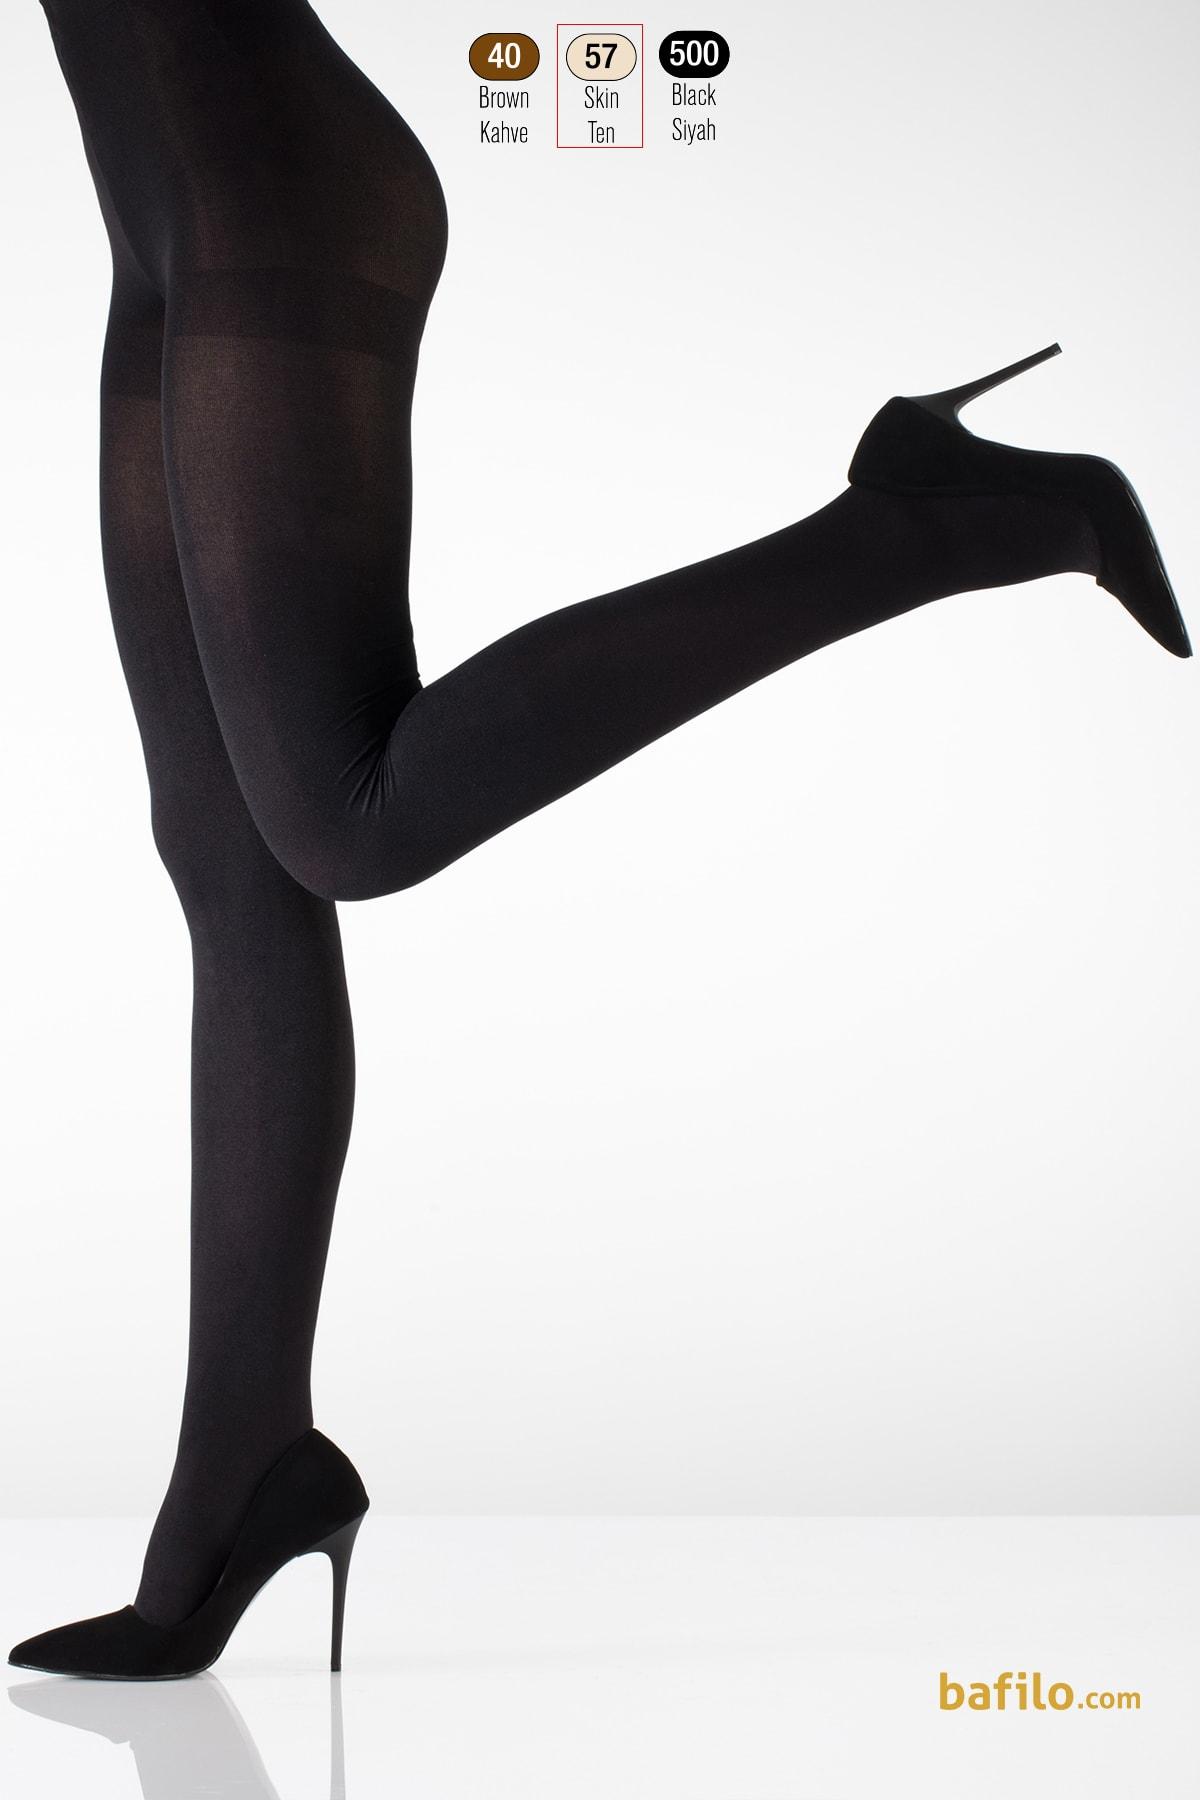 ایتالیانا | ITALIANA - جوراب شلواری ضخیم زنانه ایتالیانا  Micro 200 Mat رنگ بدن